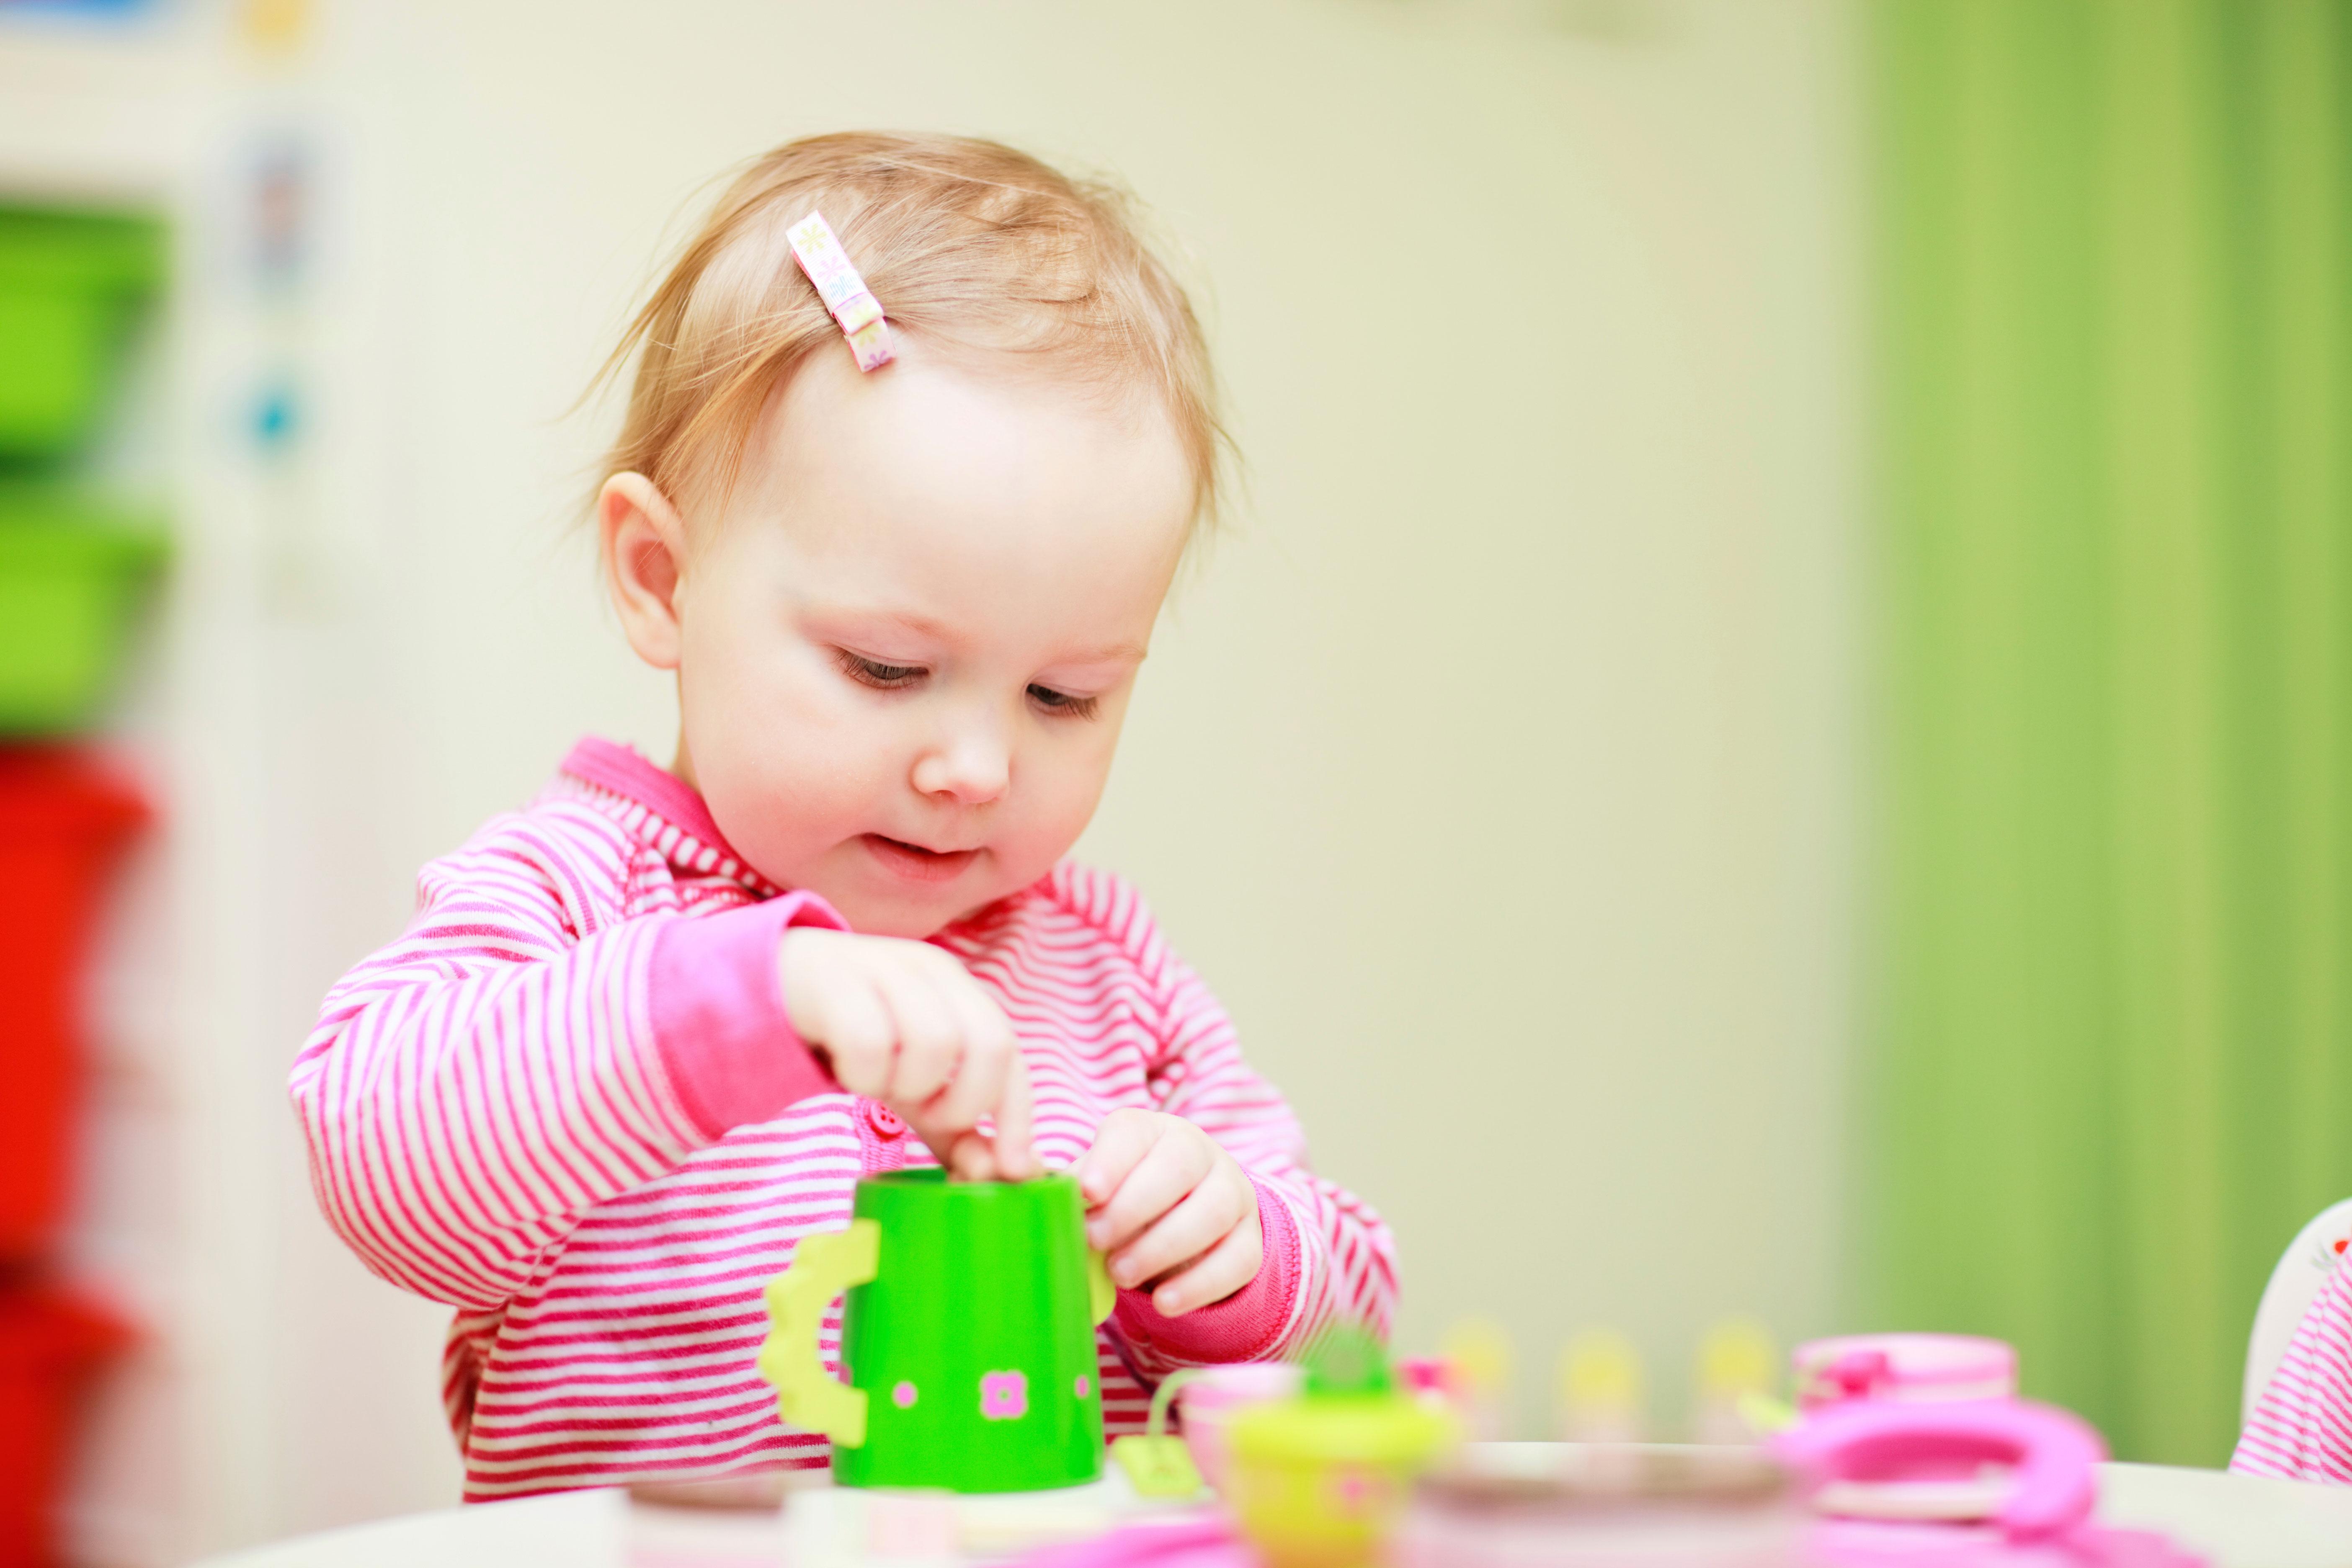 چرا بچه های امروز کمتر شاد و سرحال هستند؟